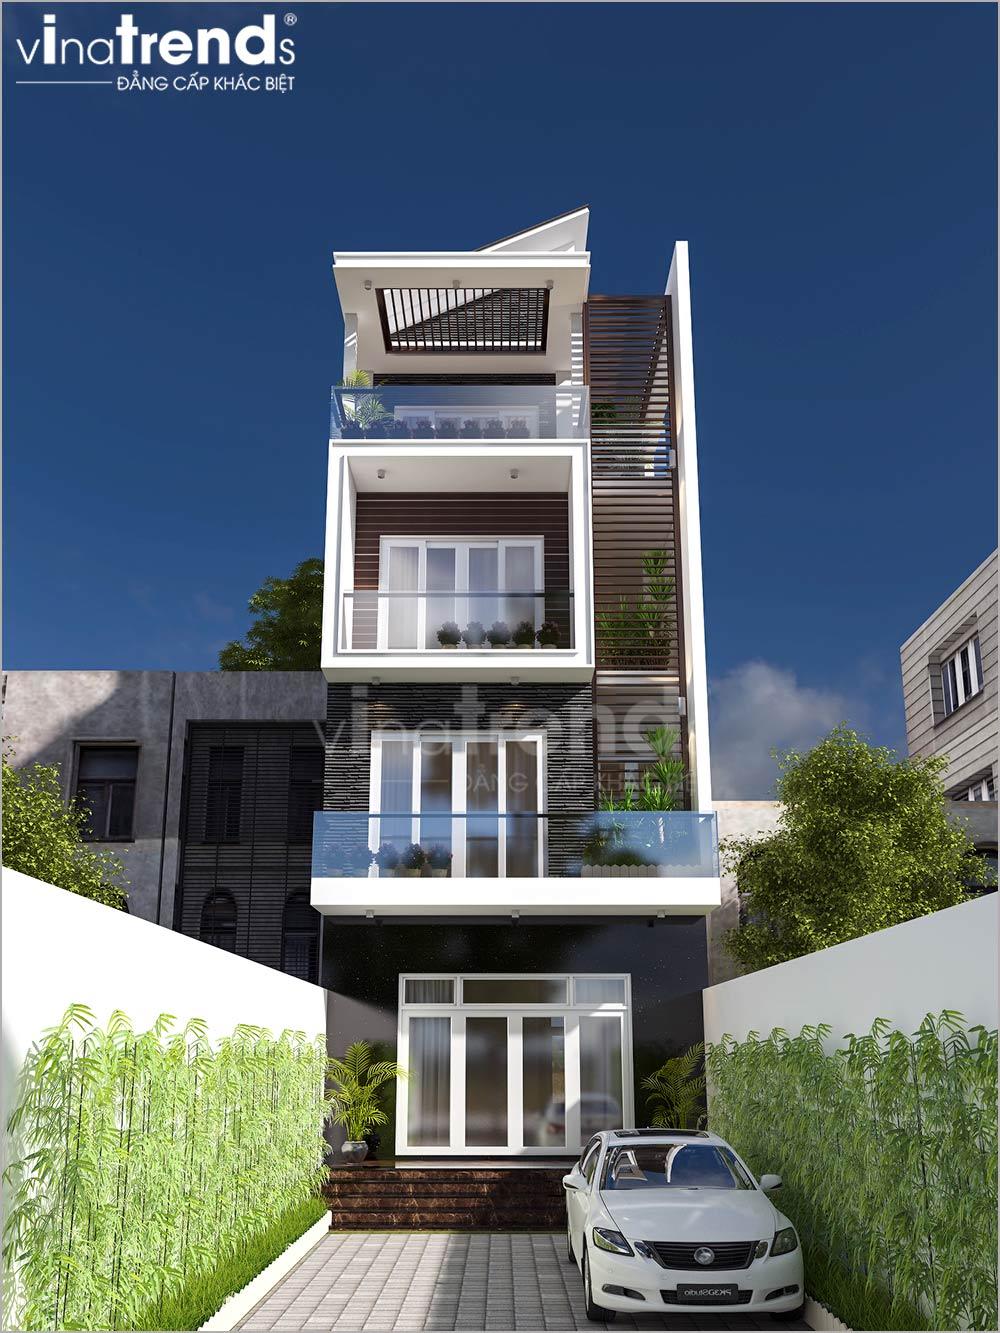 mau nha mat tien 5m 4 tang hien dai dep nhat 3 Mẫu nhà mặt tiền 5m 5 tầng dài 20m như khách sạn mini ở Hồ Chí Minh